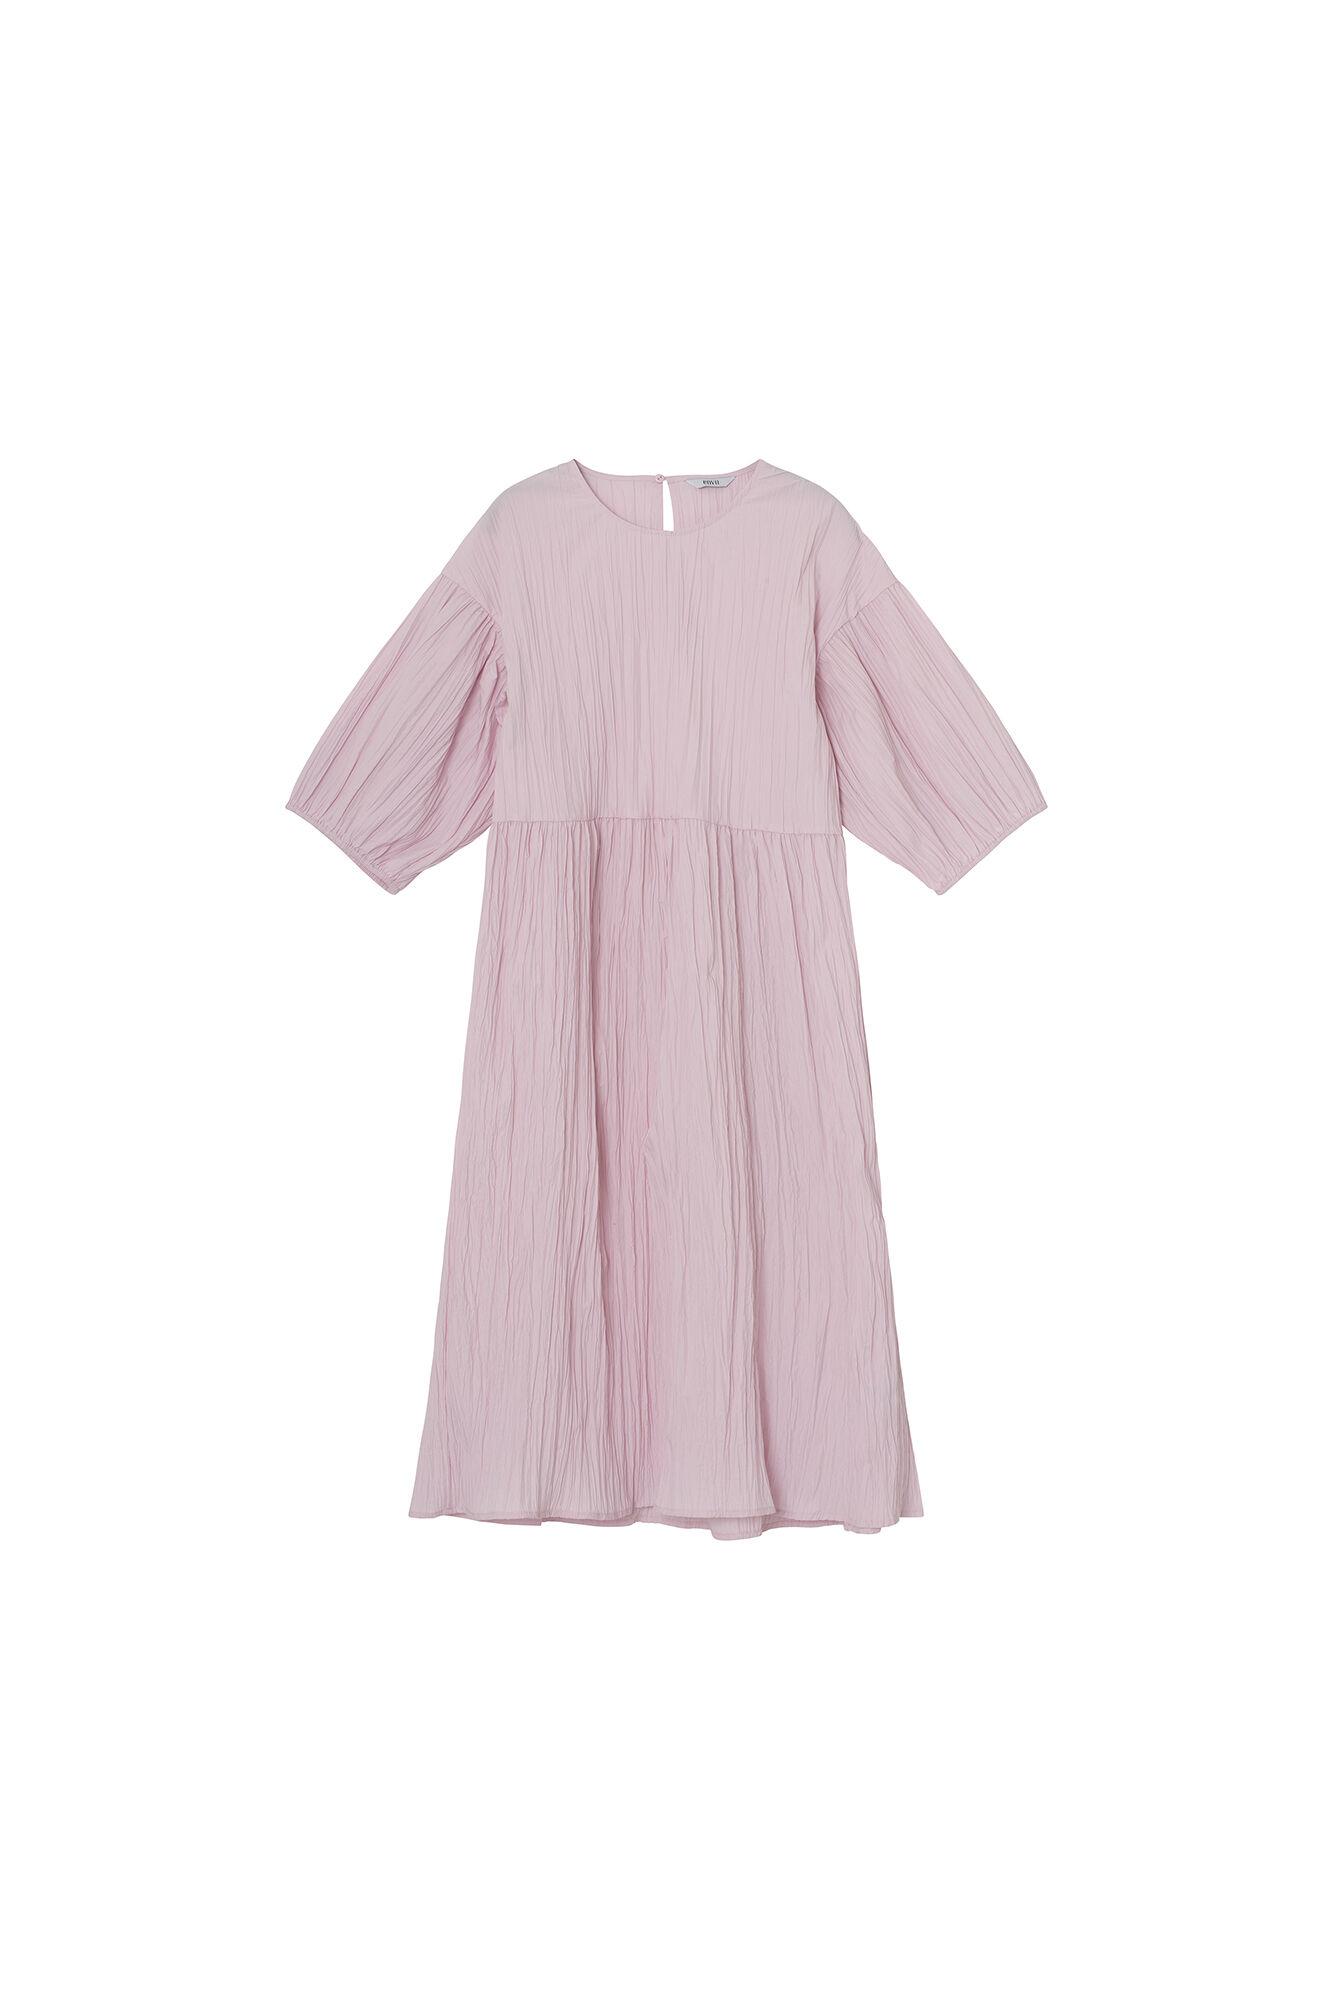 ENBLESS 3/4 DRESS 6752